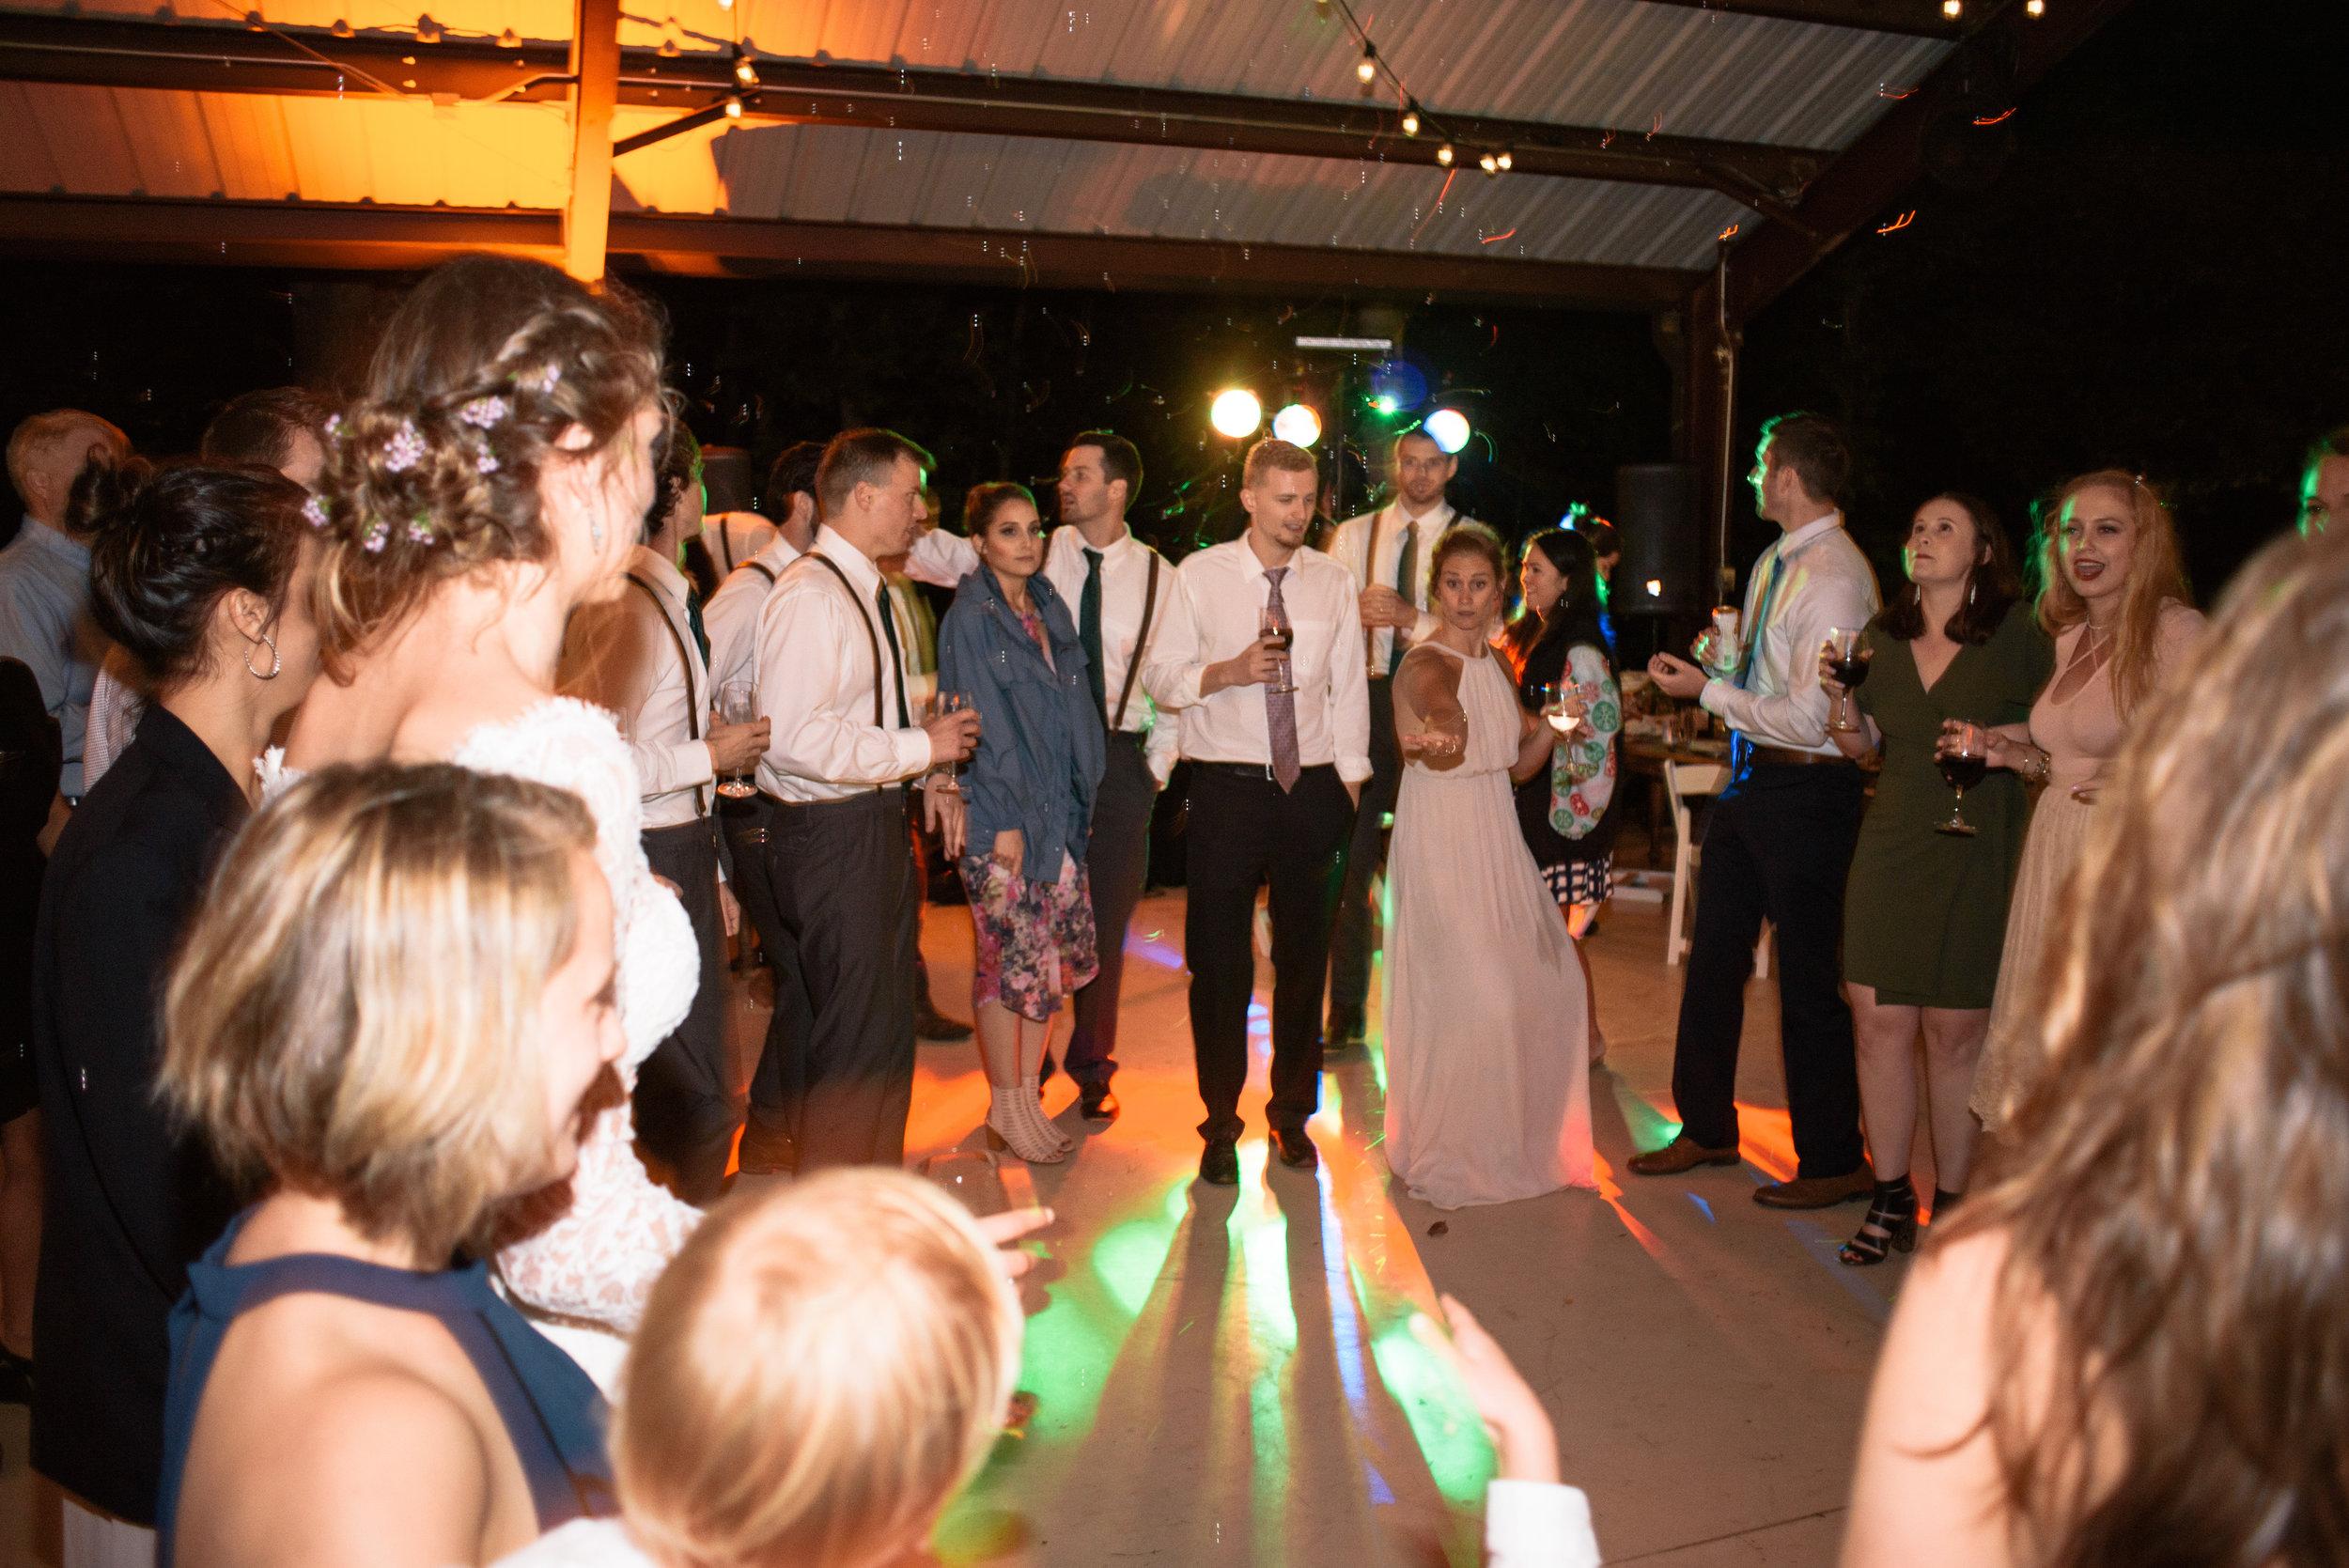 raleigh-elopement-photographer-raleigh-durham-wedding-maddie-and-devin- (147 of 162).jpg